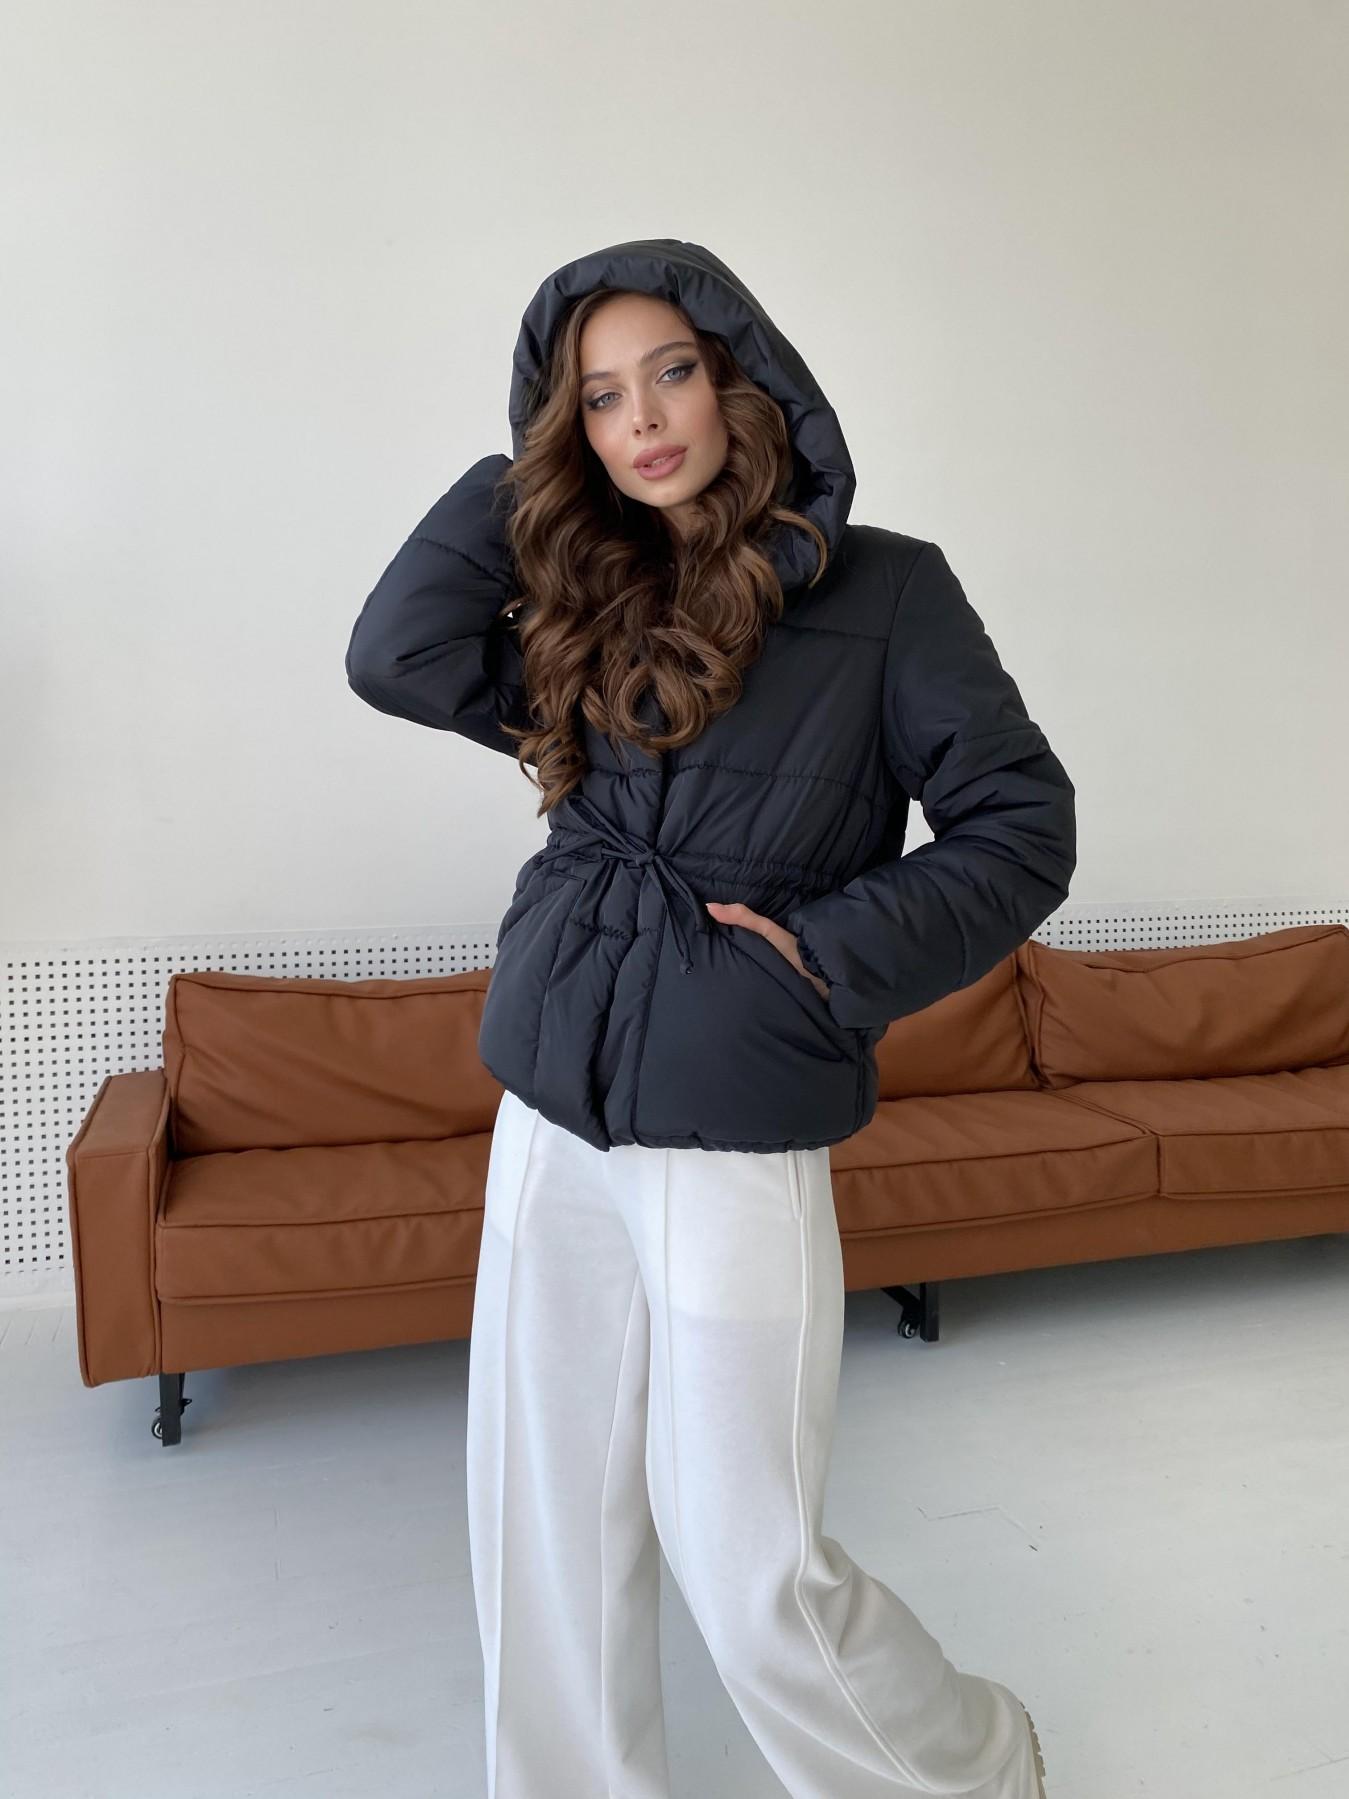 Пино куртка из плащевой ткани 10489 АРТ. 47270 Цвет: Черный - фото 4, интернет магазин tm-modus.ru